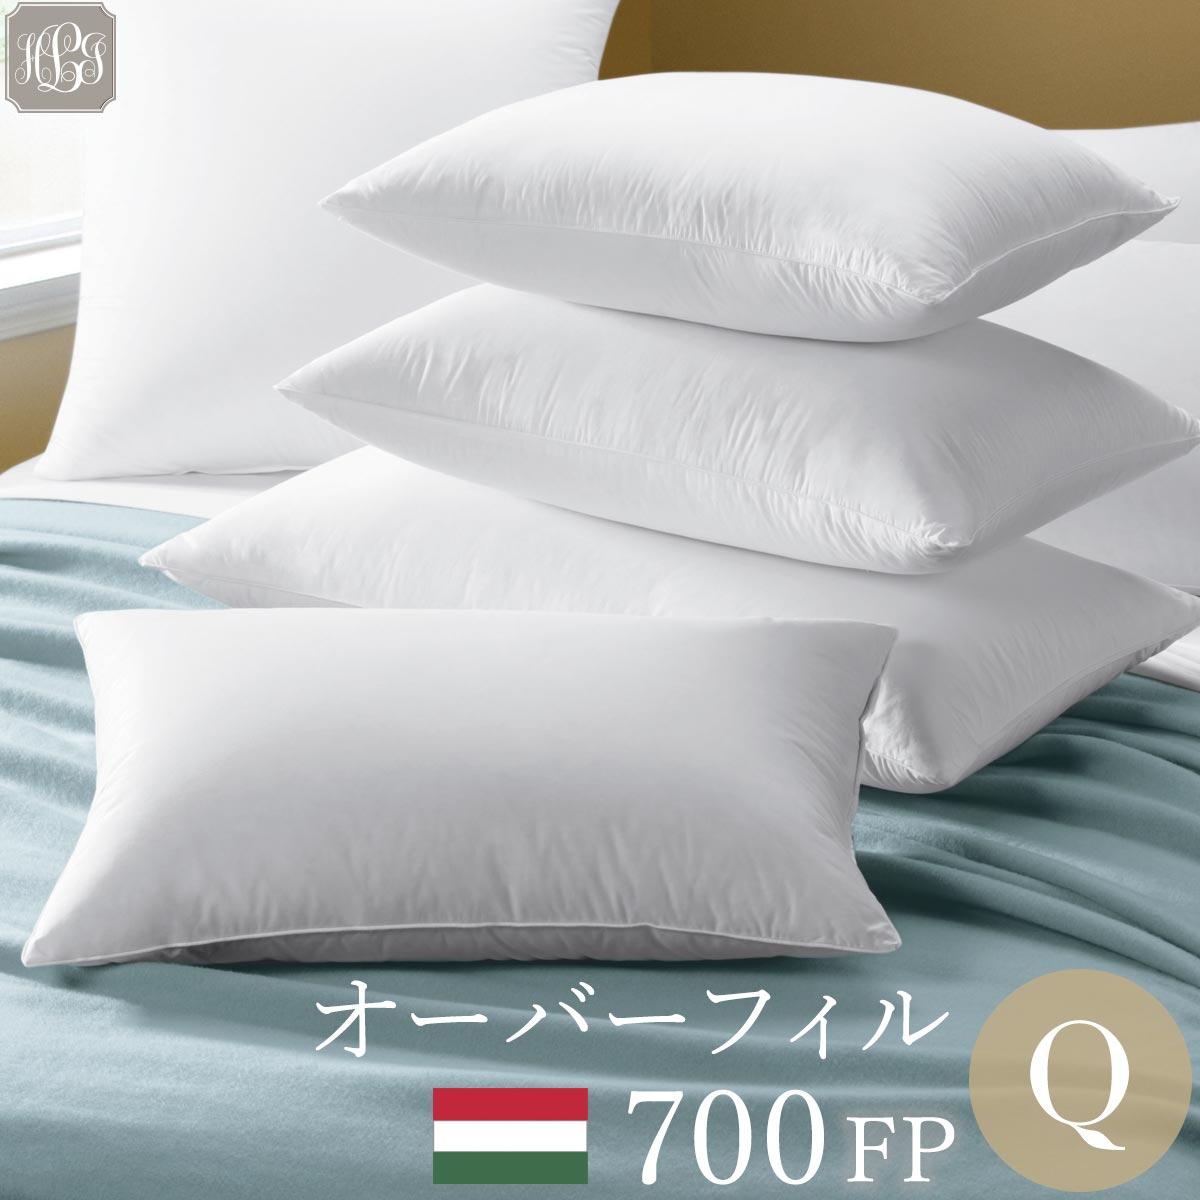 羽毛枕 700FPハンガリー産ホワイトグース クイーン 50cmx76cm オーバーフィル 高級ホテル 高め 80番手 超長綿100% 送料無料